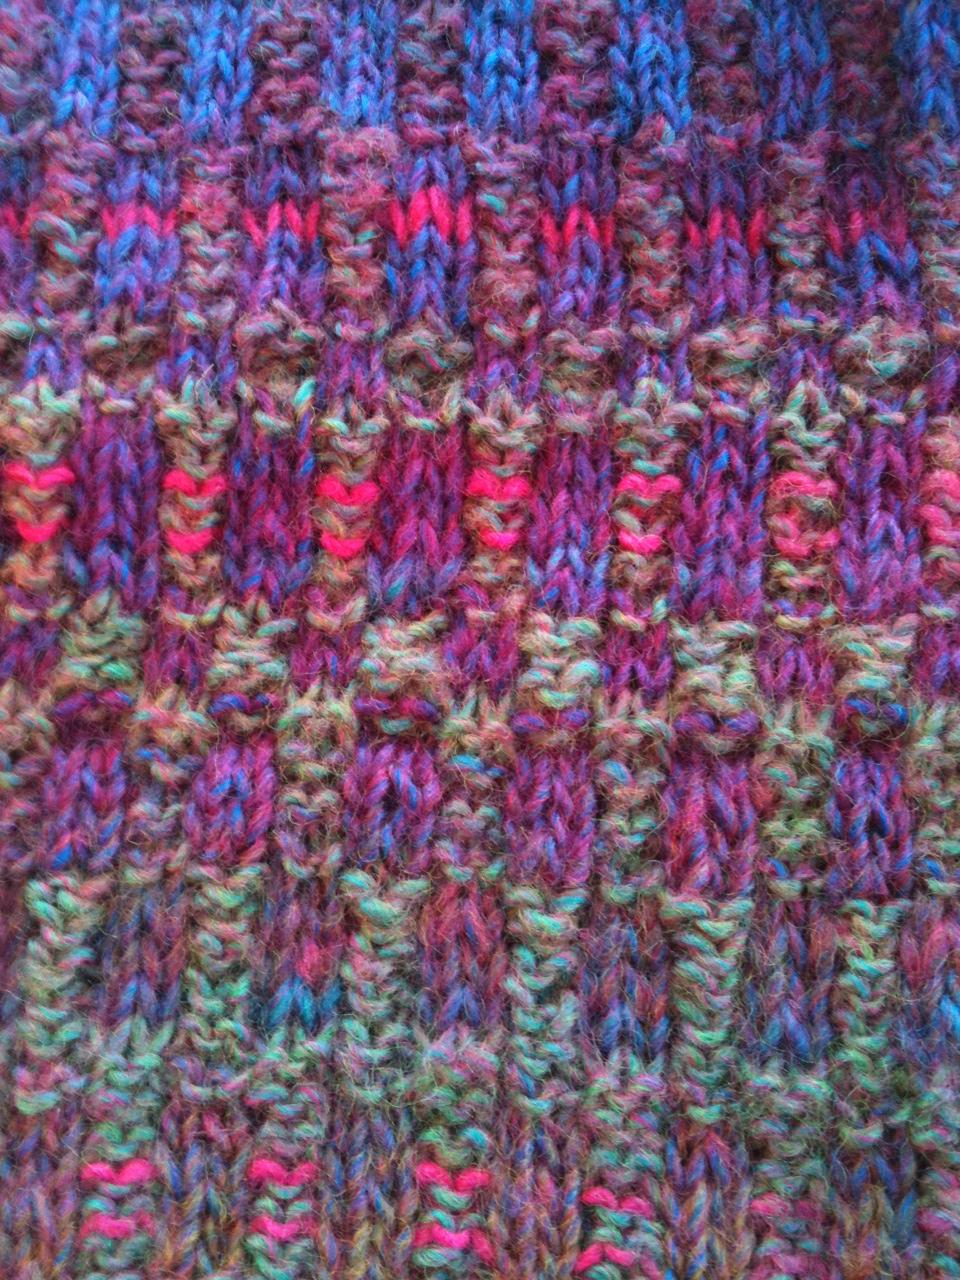 Mosaic Knitting : Knit better socks mosaic knitting